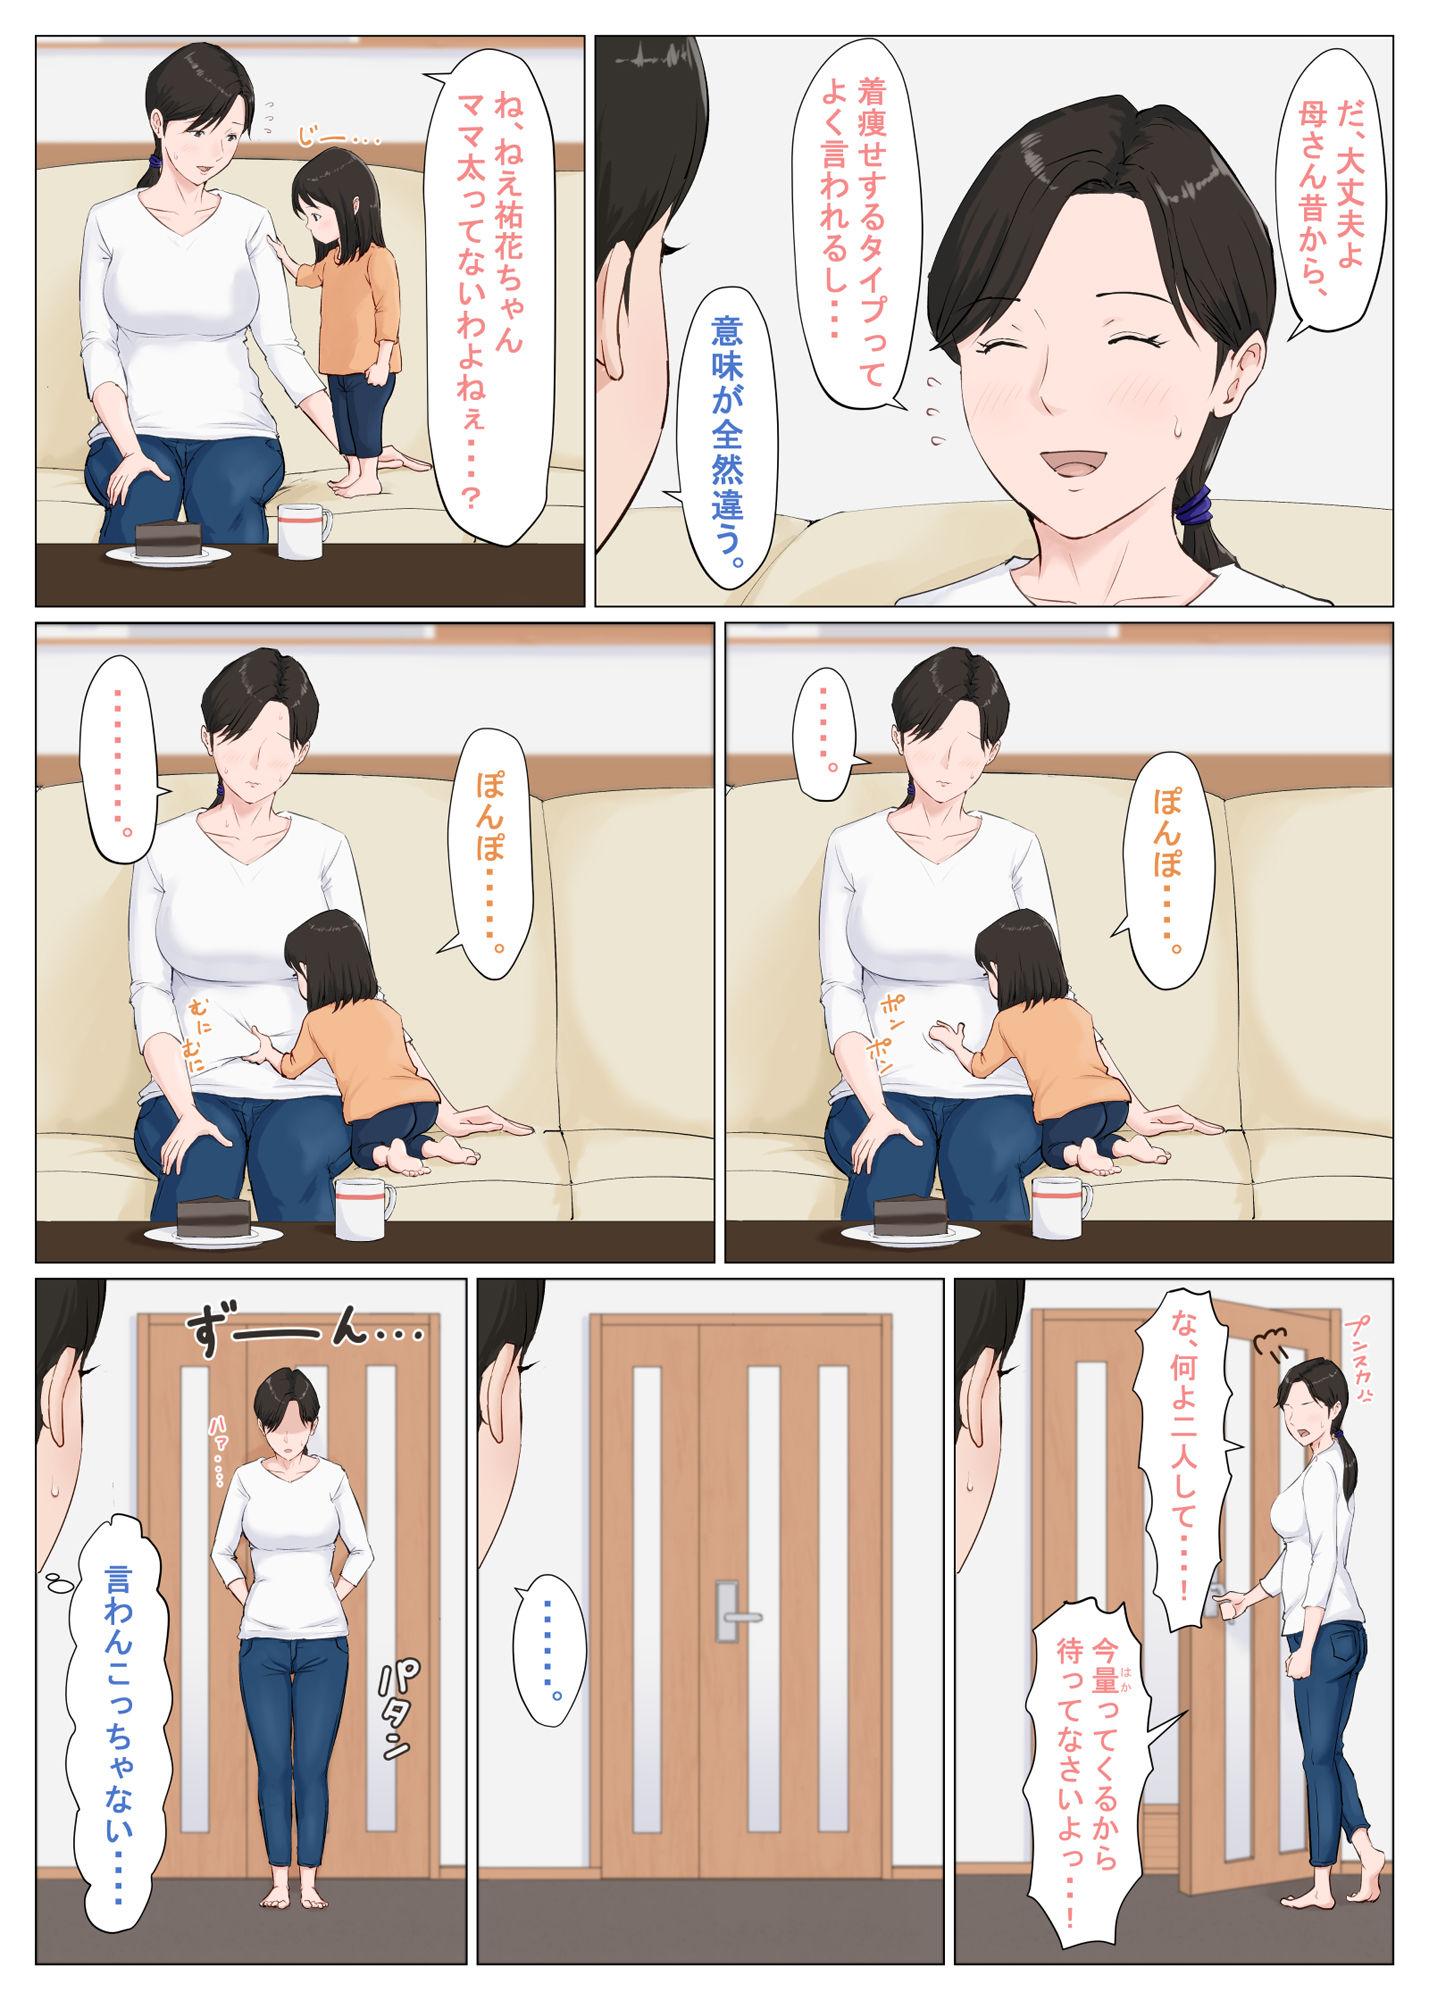 [ほーすている] 母さんじゃなきゃダメなんだっ!!~番外編~ サンプル画像 04